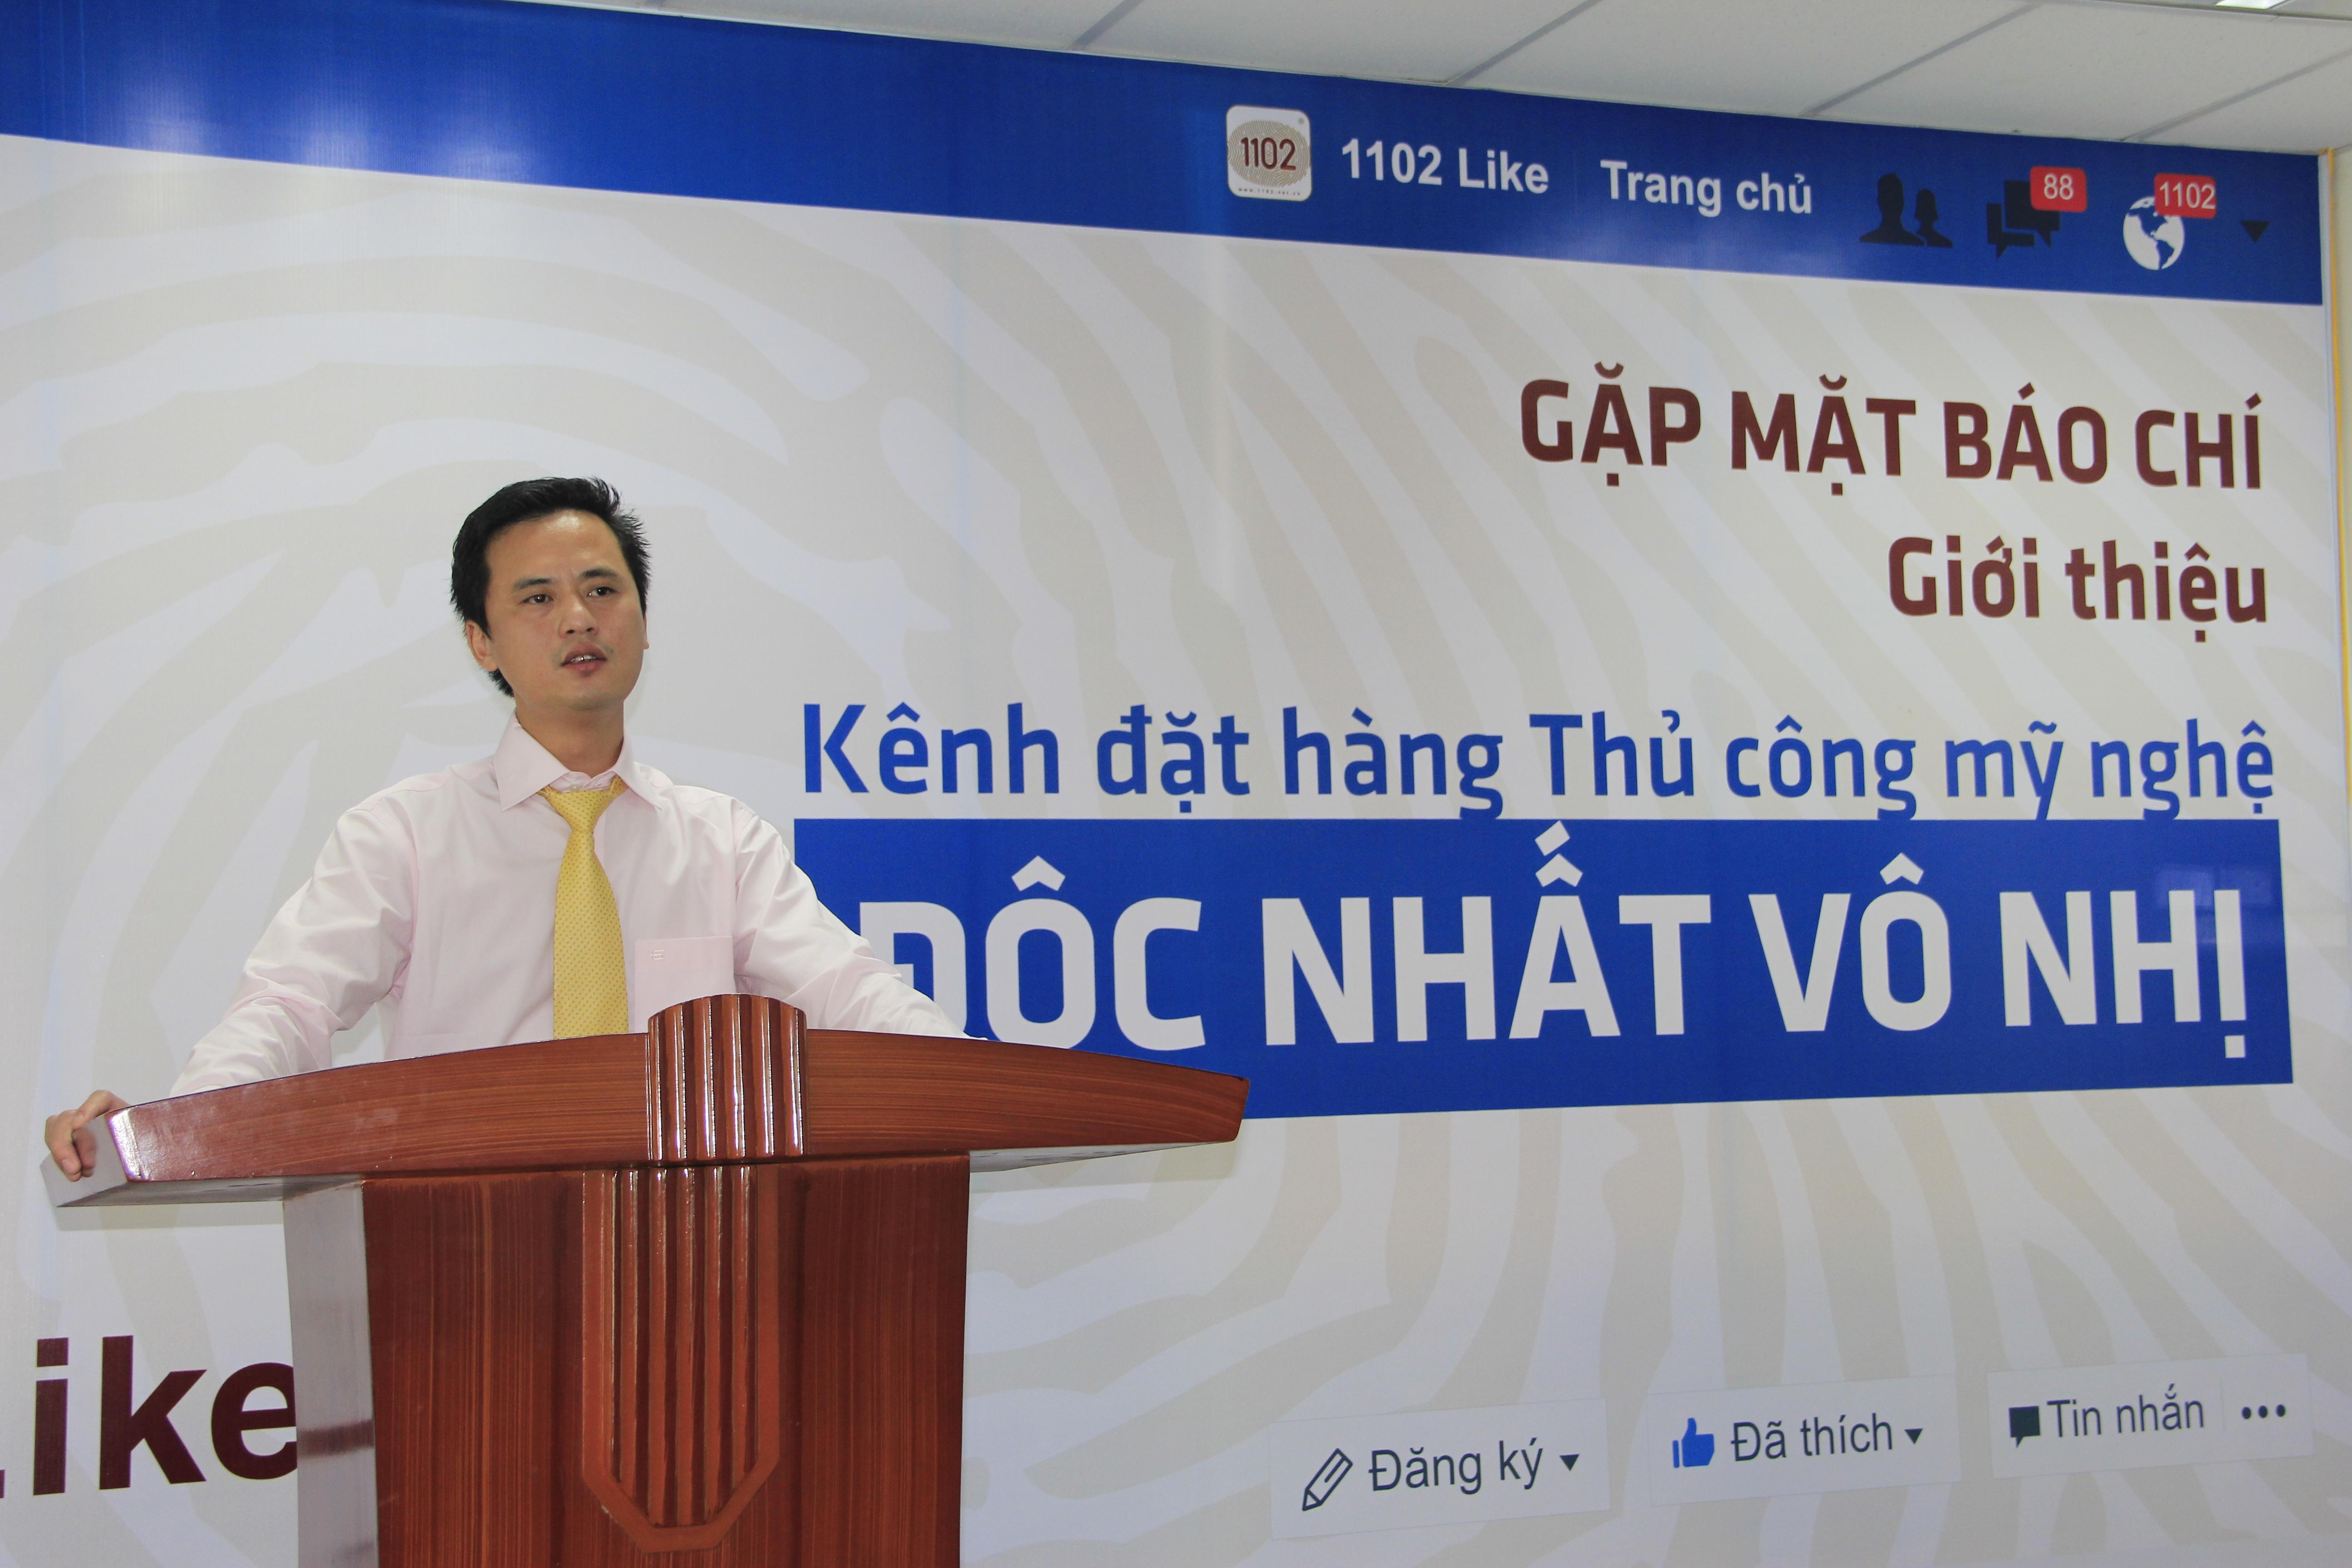 Số hóa làng nghề Thủ Công Mỹ Nghệ Việt Nam 1